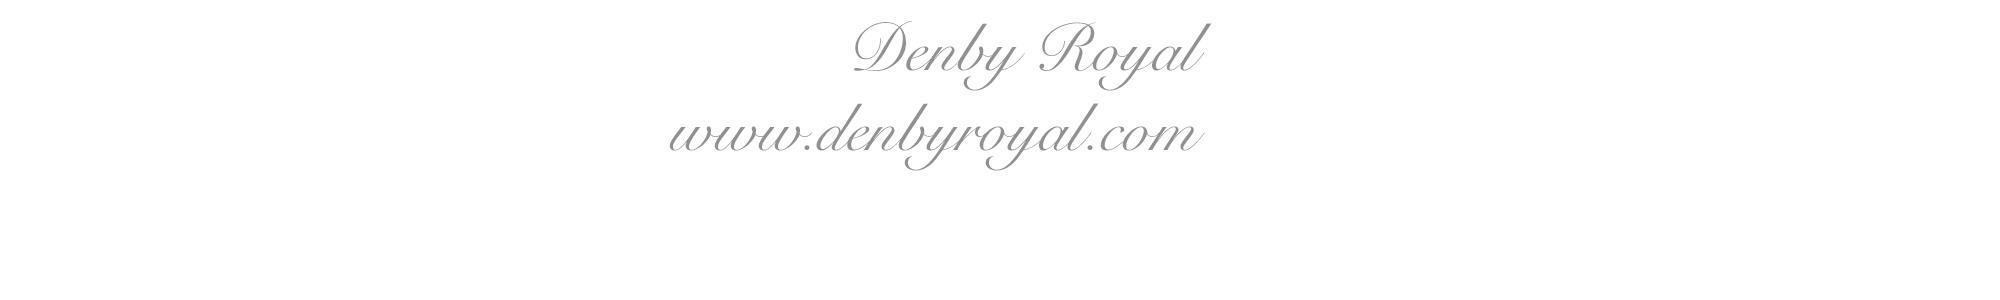 Testimonial-Denby2